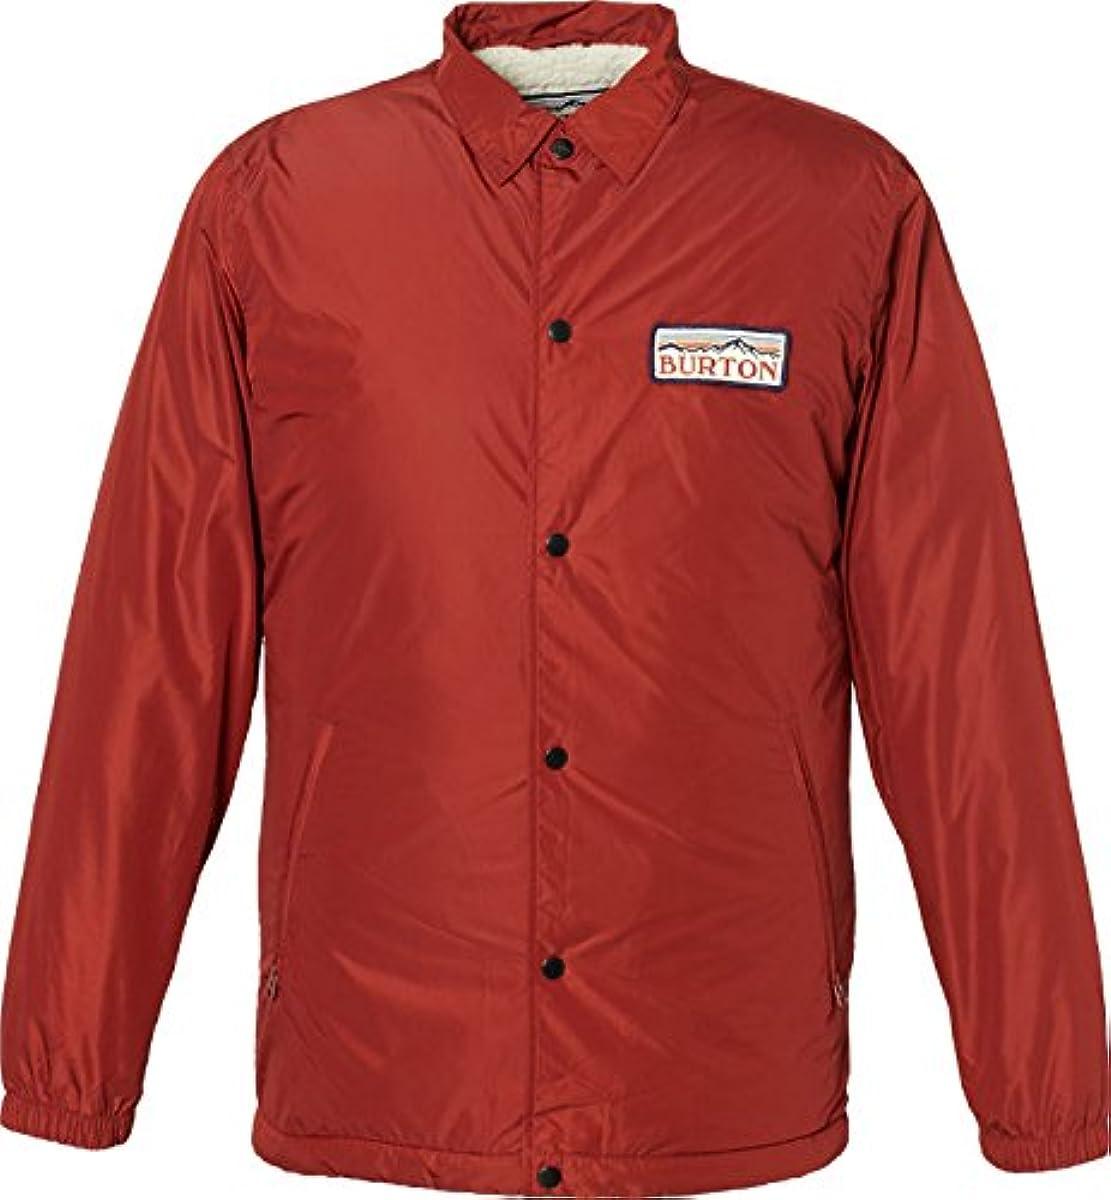 [해외] BURTON(버튼) 스노보드 웨어 맨즈 재킷 COACHES JACKET XS~X엘사이즈 197681 코치 재킷 주름 방지 가공